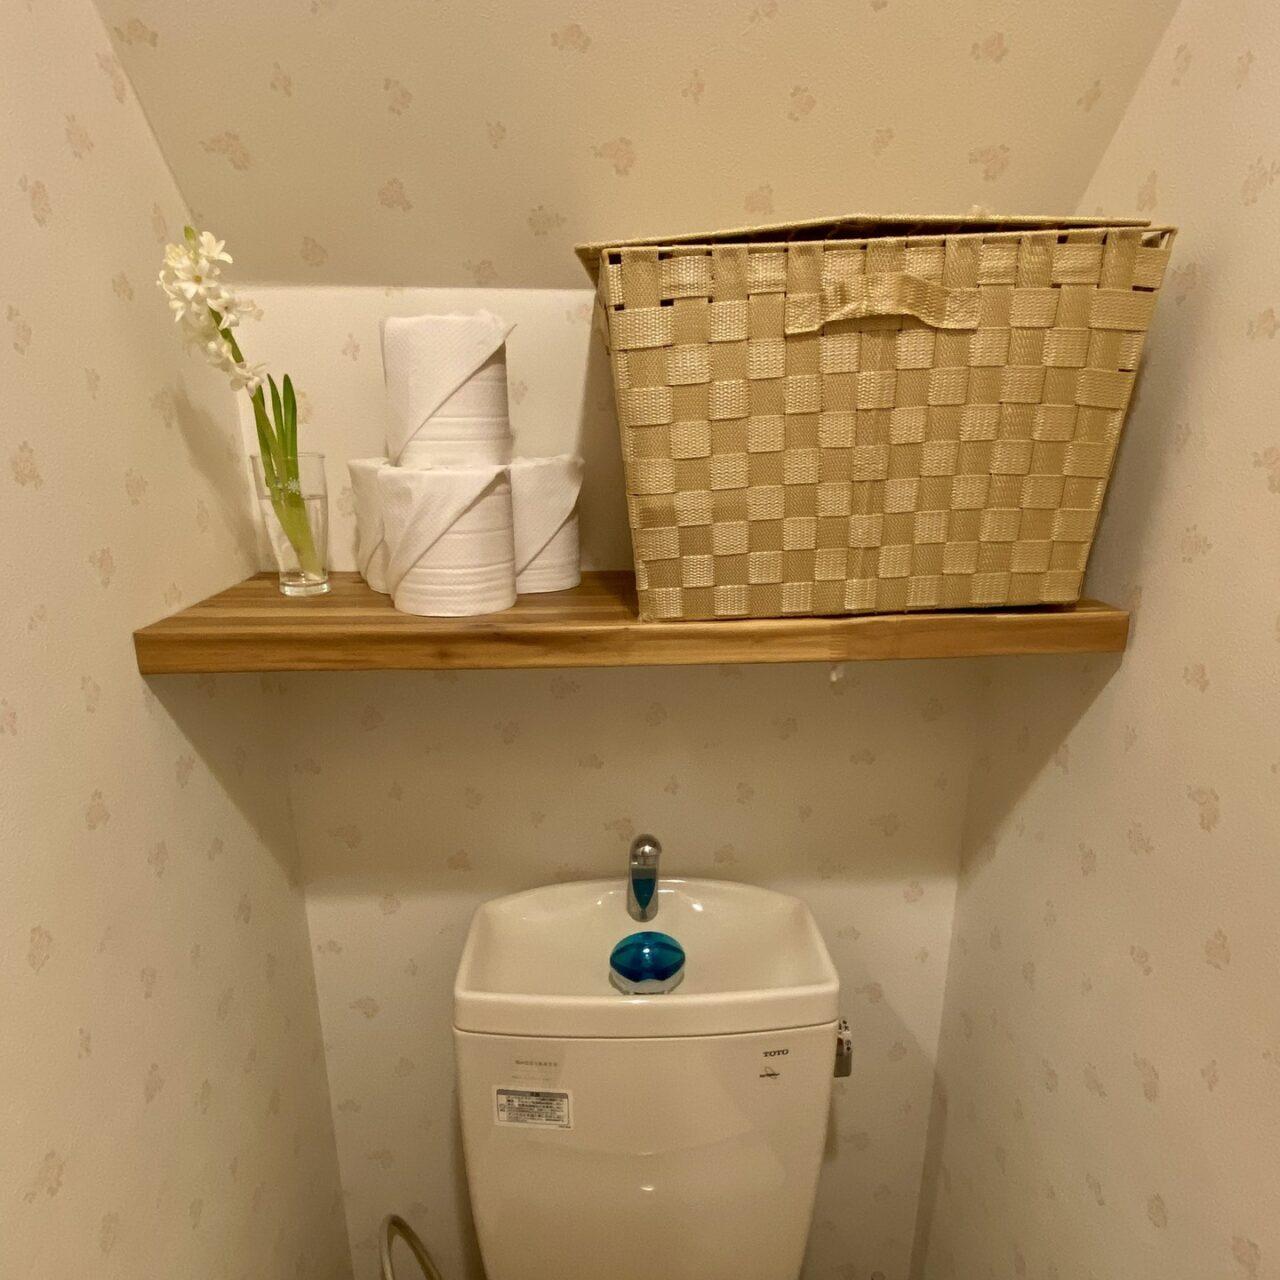 トイレ上の収納棚完成の画像